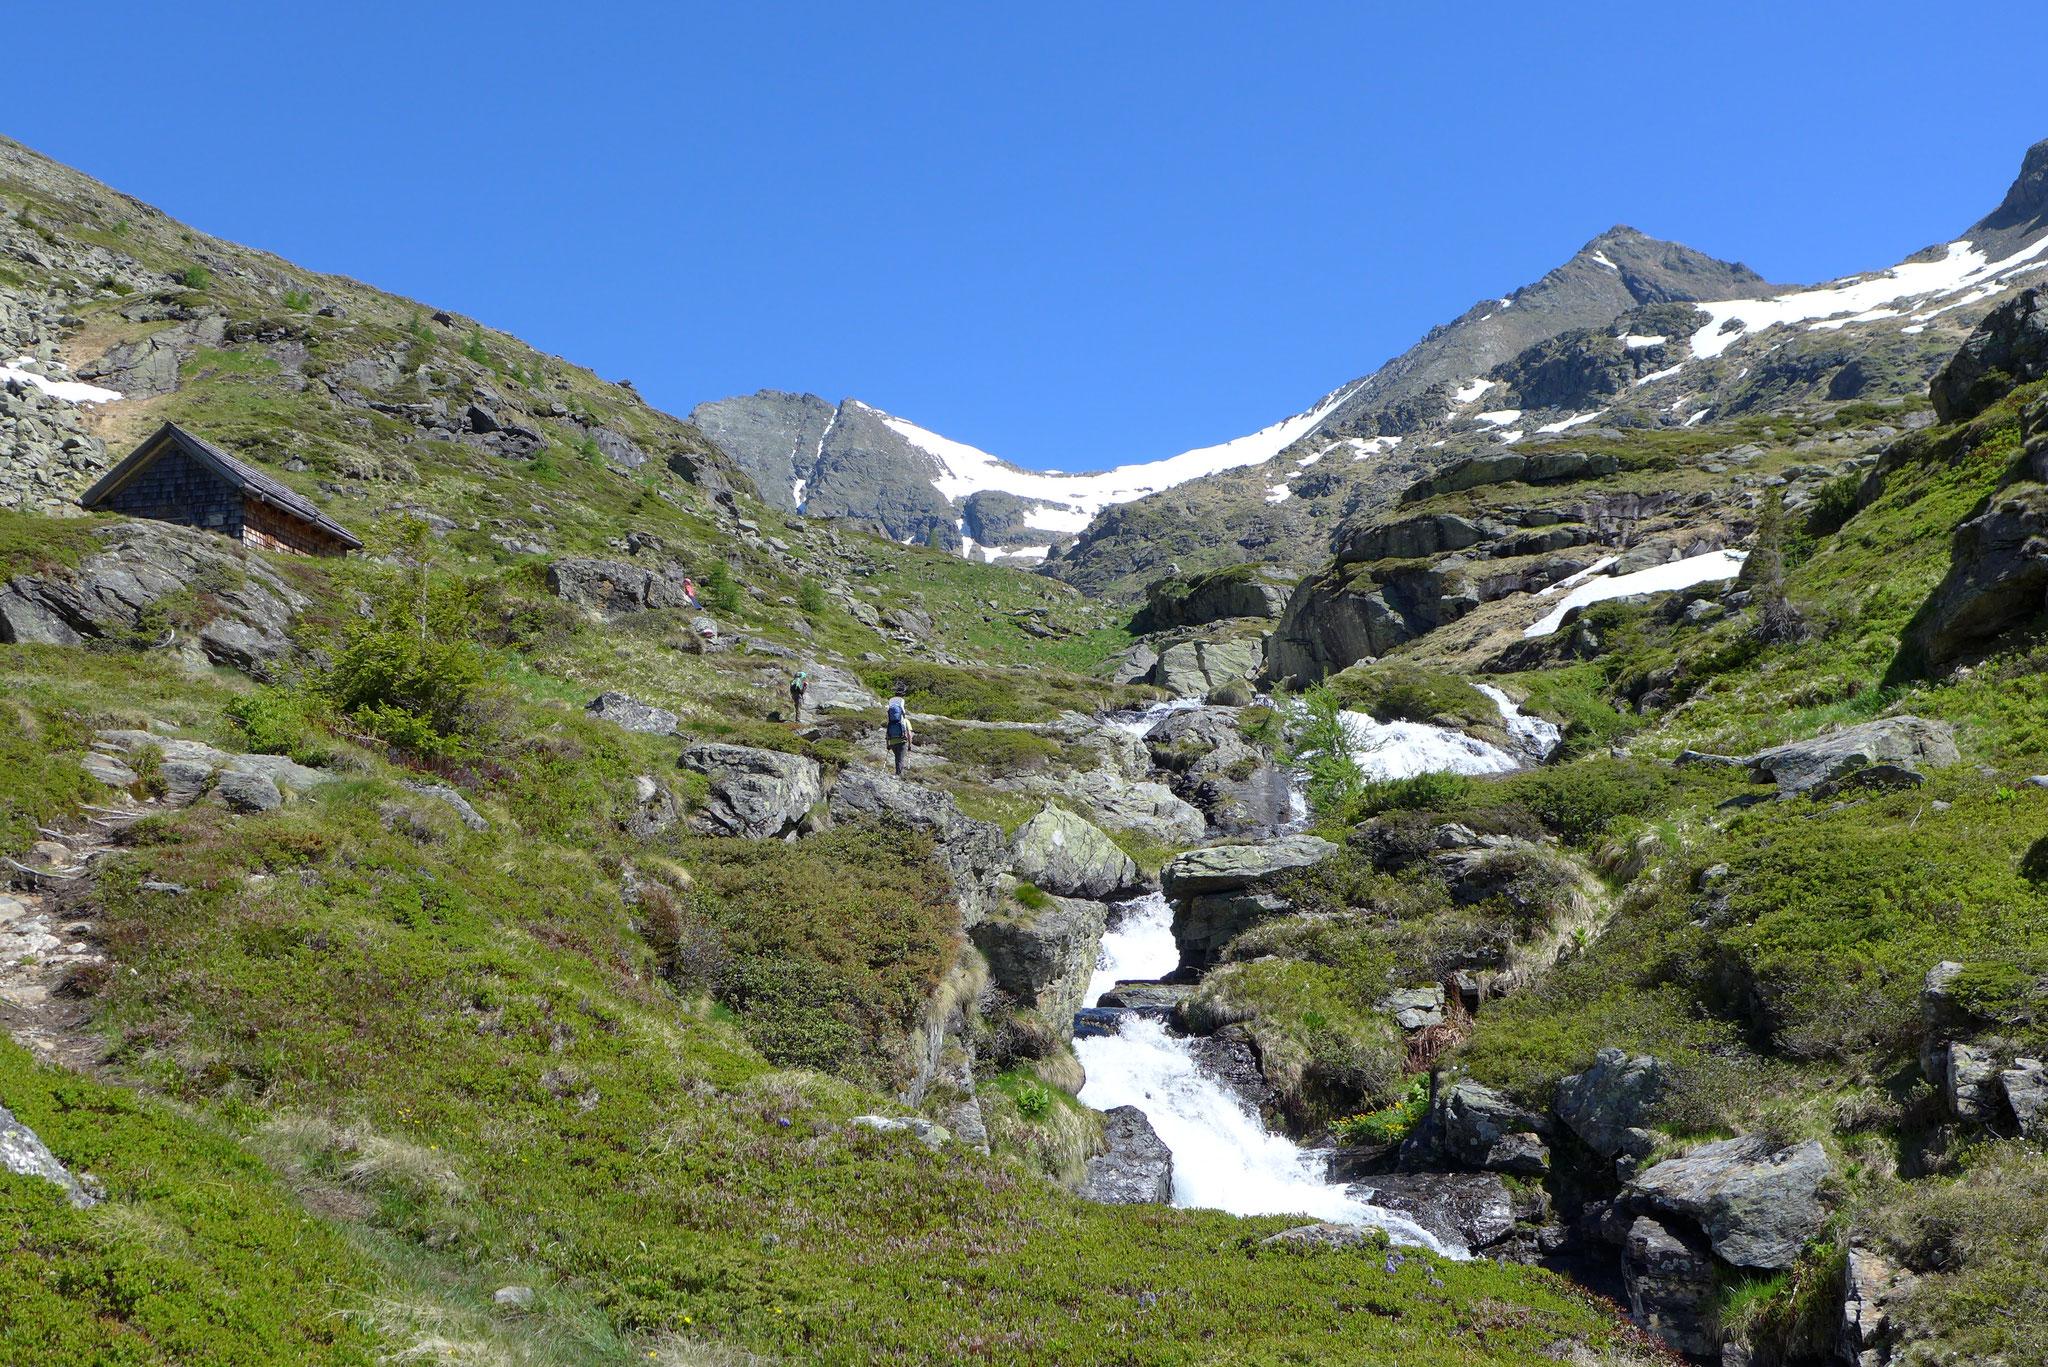 Auf dem Weg zum Zwerfenbergsee im Lessachtal.